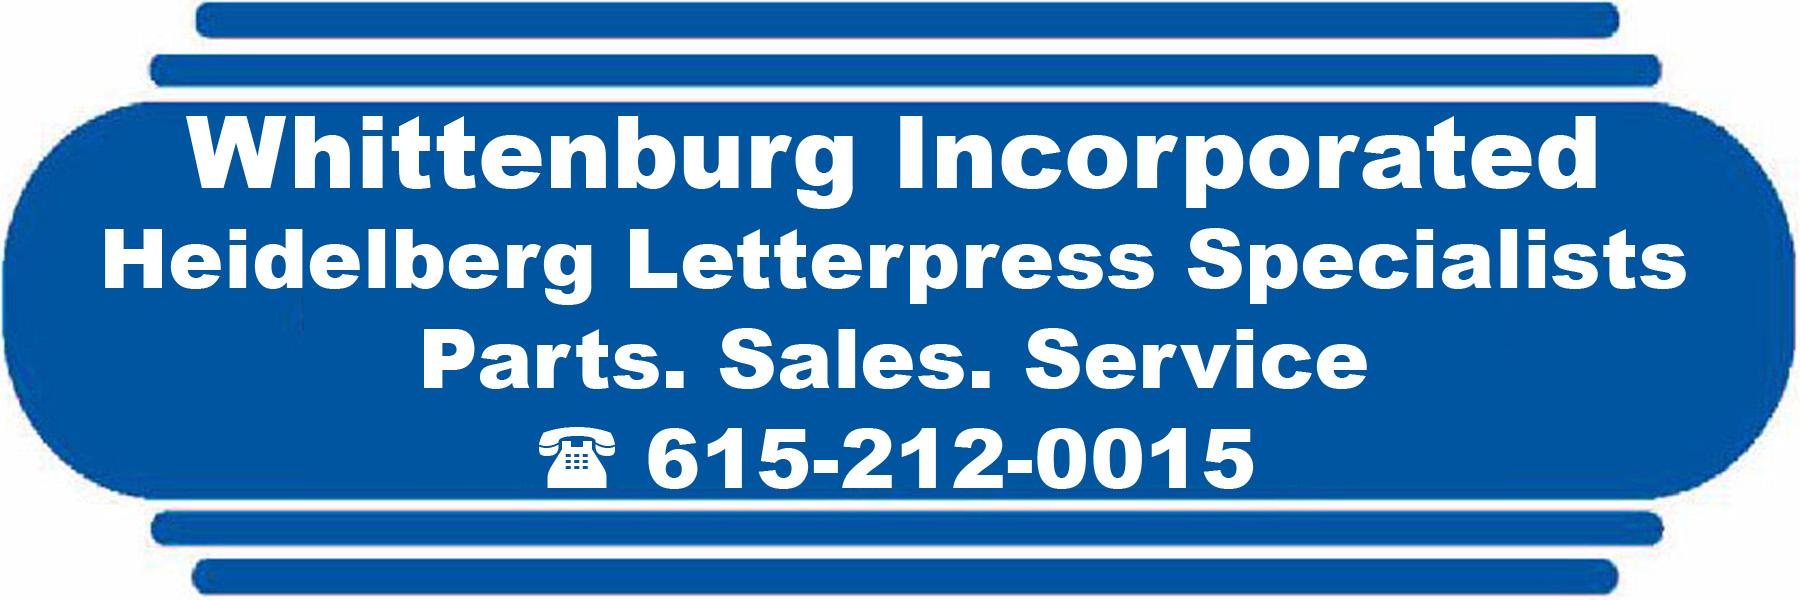 Whittenburg Inc | Heidelberg specialists